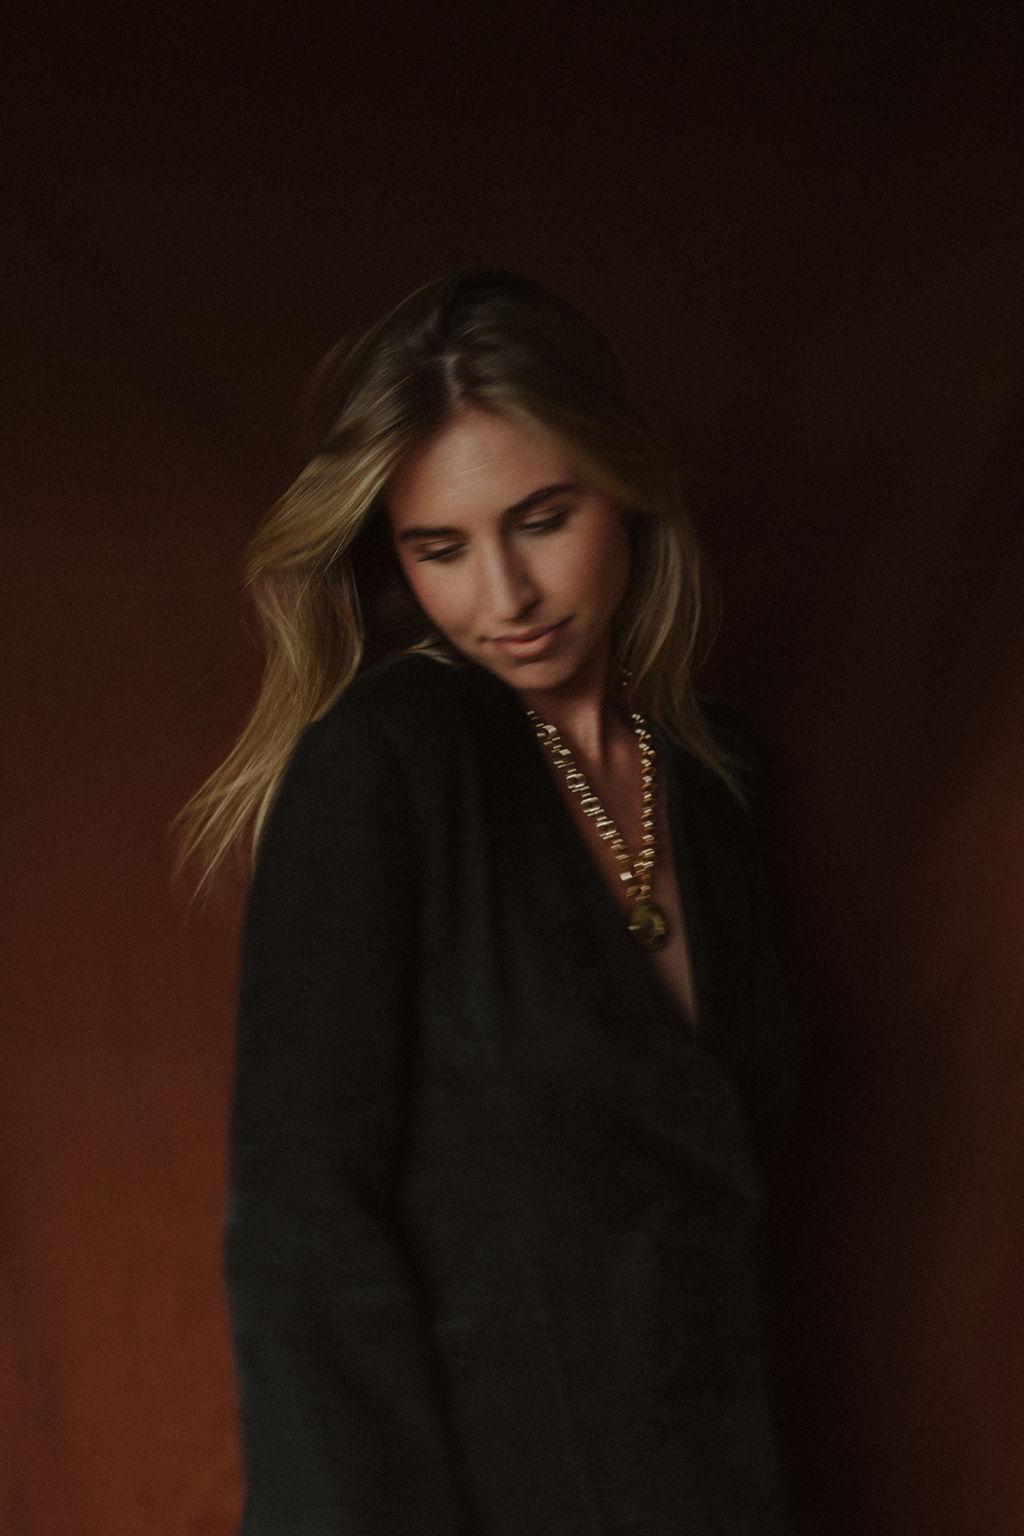 Third Form | Paisley Soft Blazer Dress Reliquia | Superb Necklace